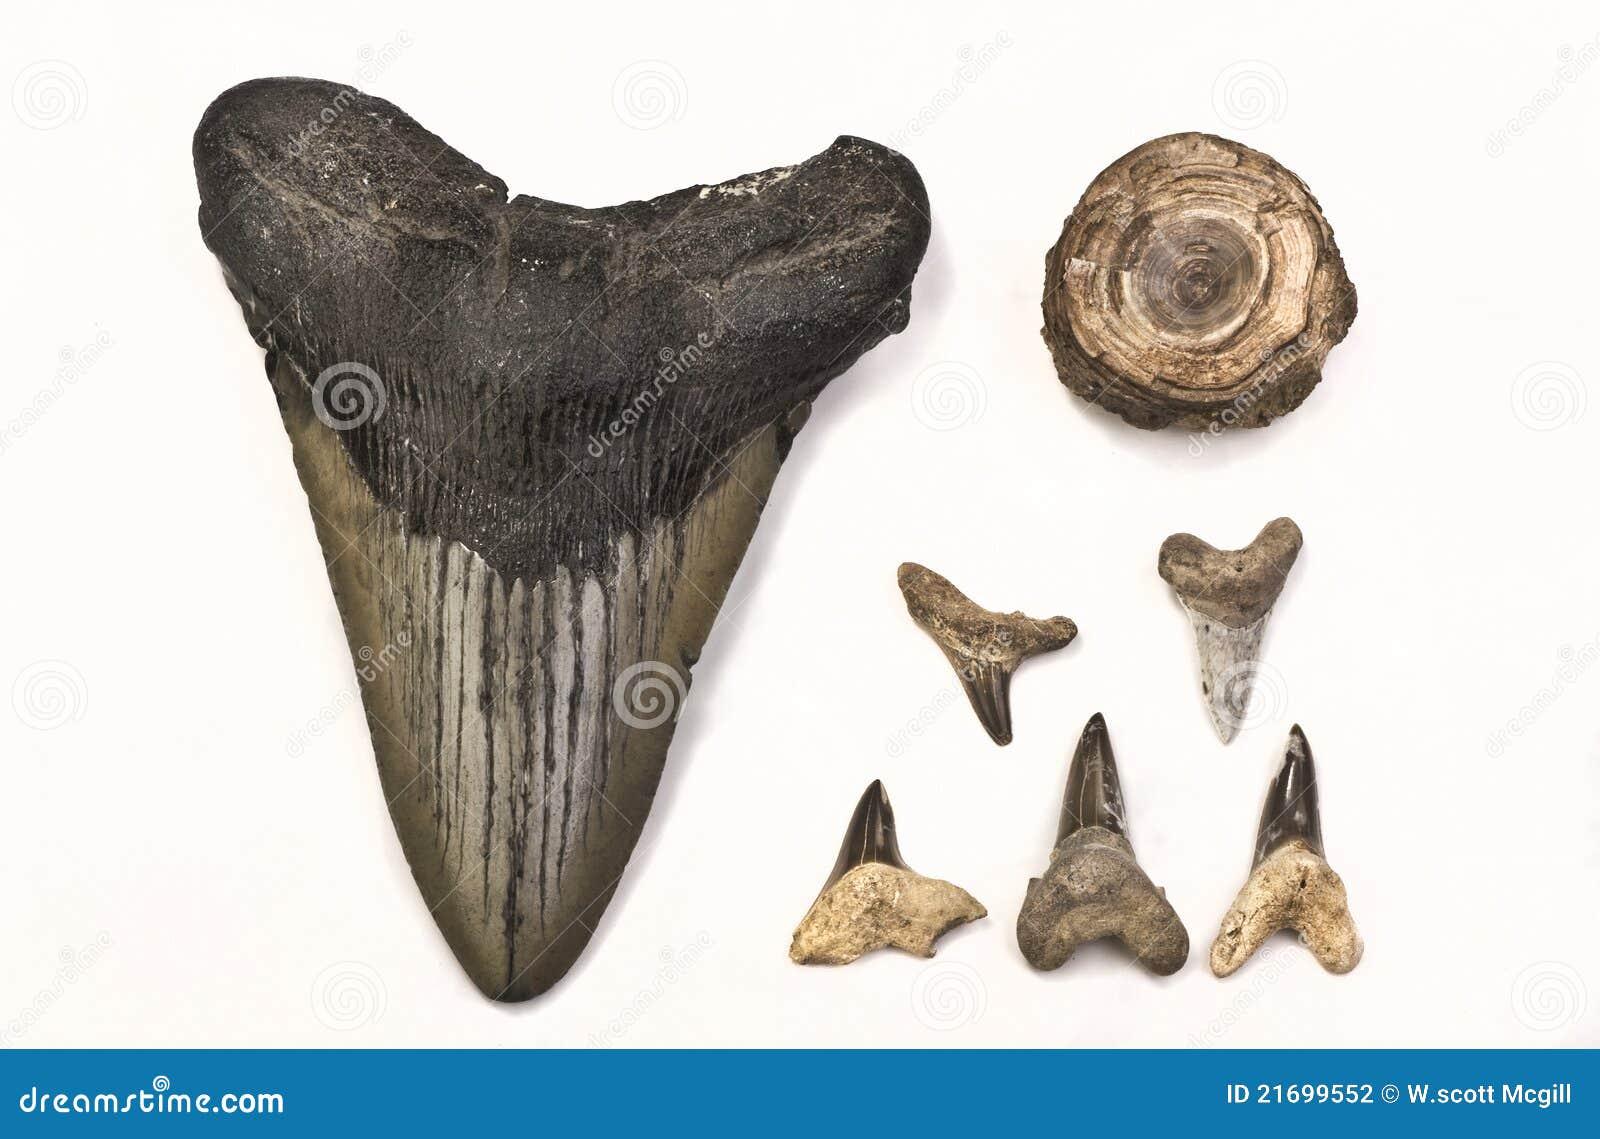 Fossils of Shark Teeth